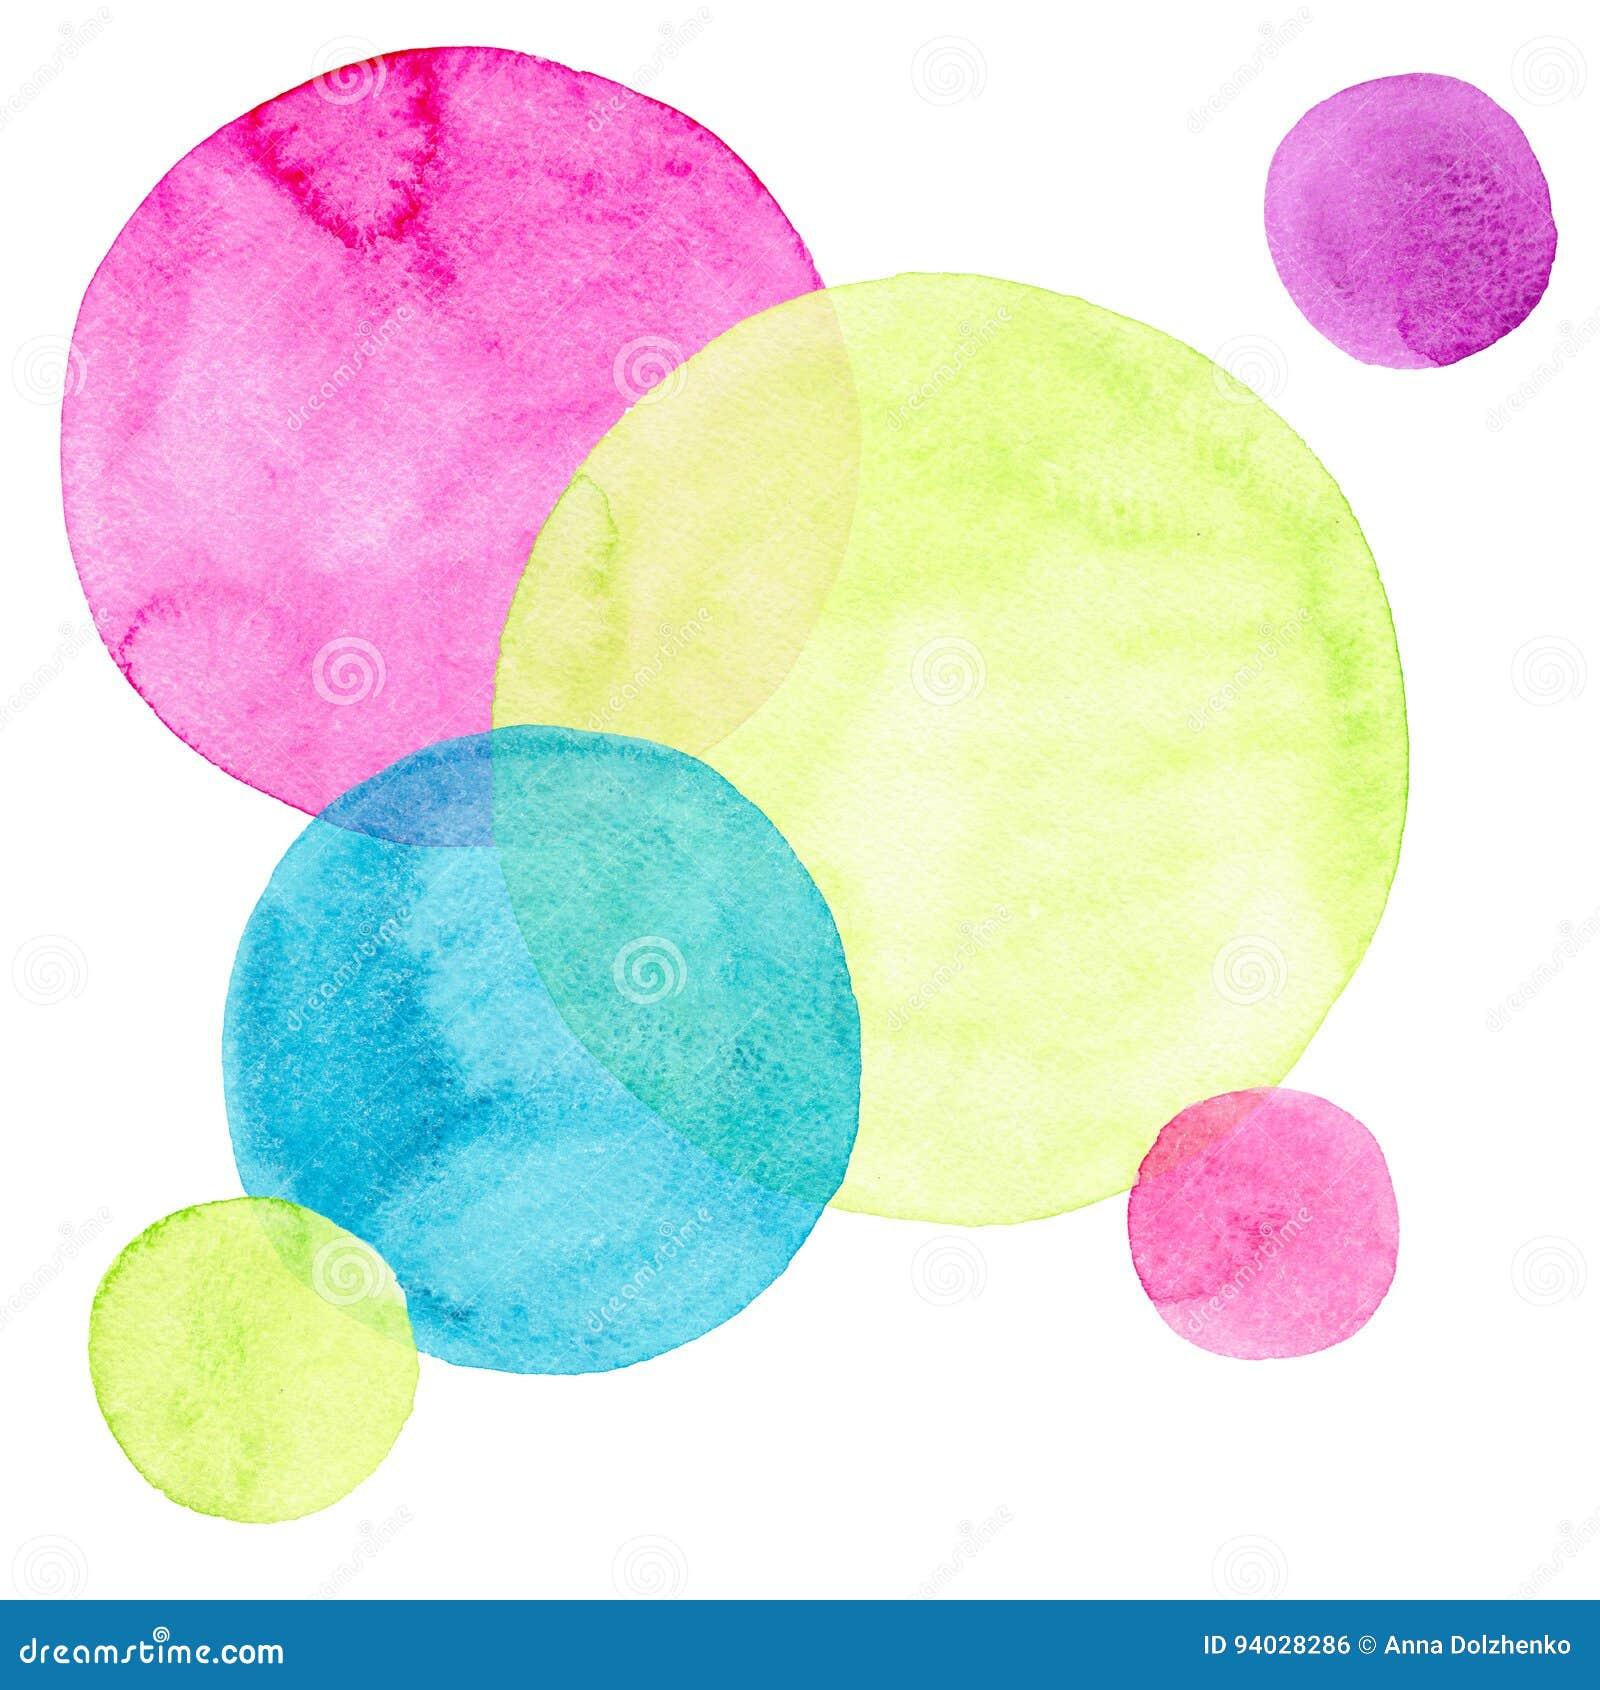 Abstracte mooie artistieke tedere prachtige transparante heldere kleurrijke het patroonwaterverf van cirkels verschillende vormen